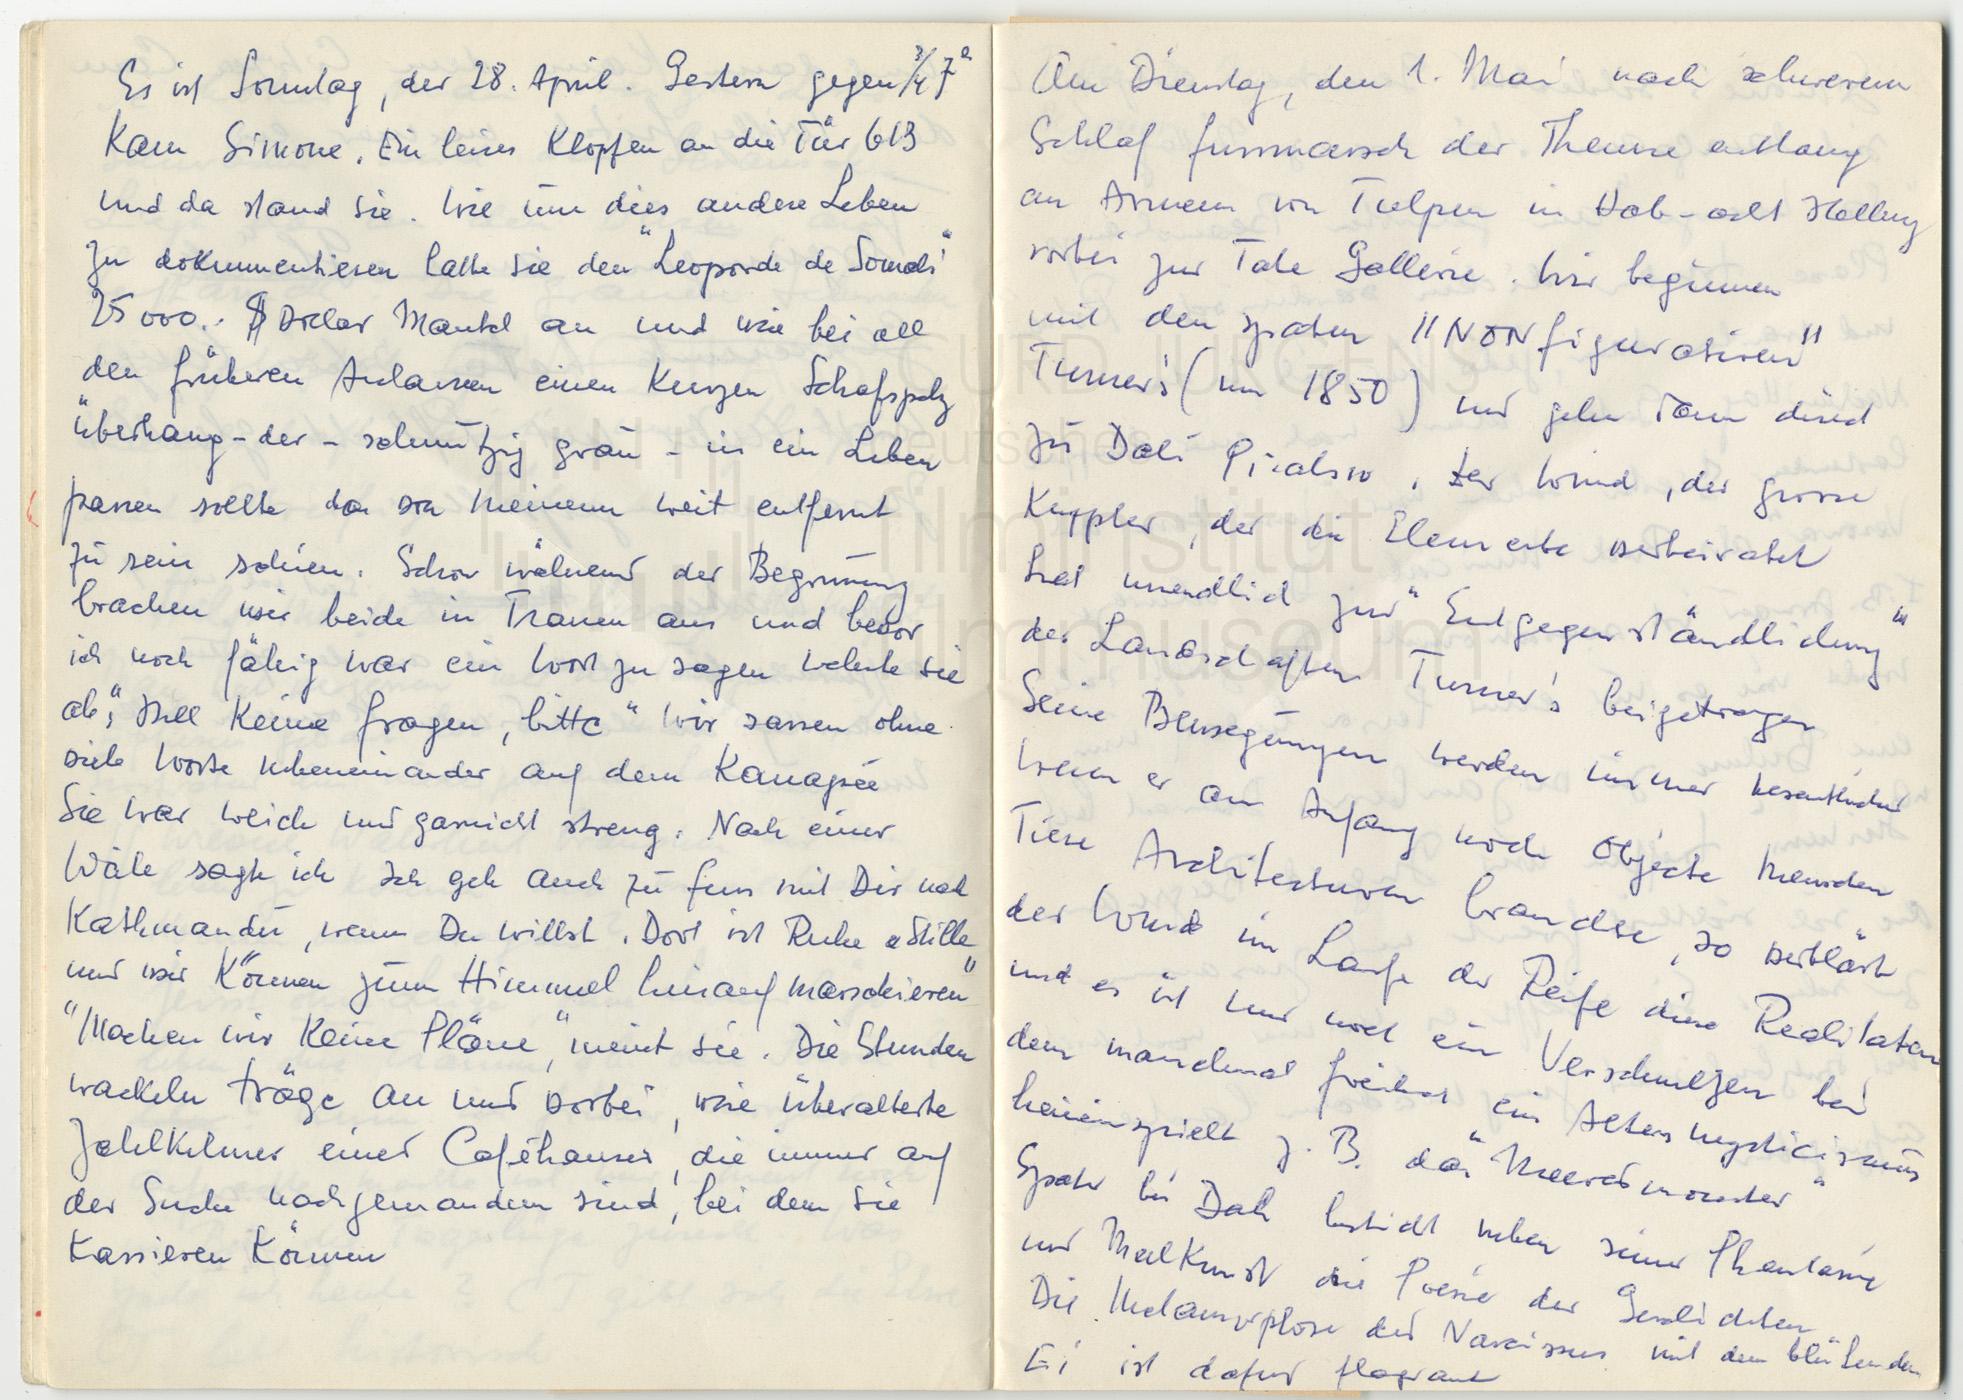 Tagebucheintrag, 28.4.1970